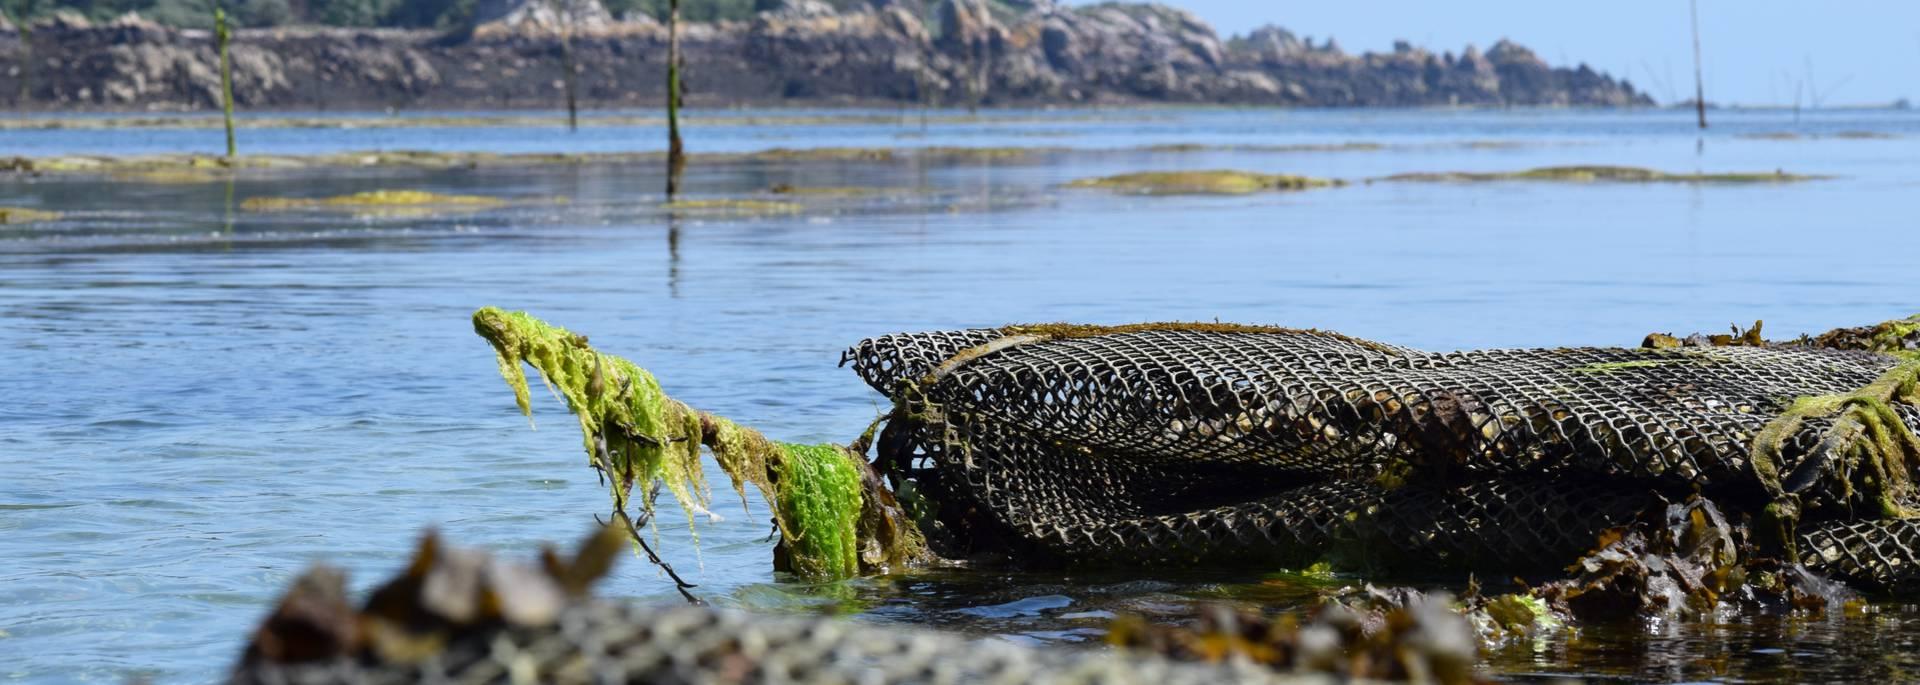 Production ostréicole en Baie de Paimpol ©S. Arin